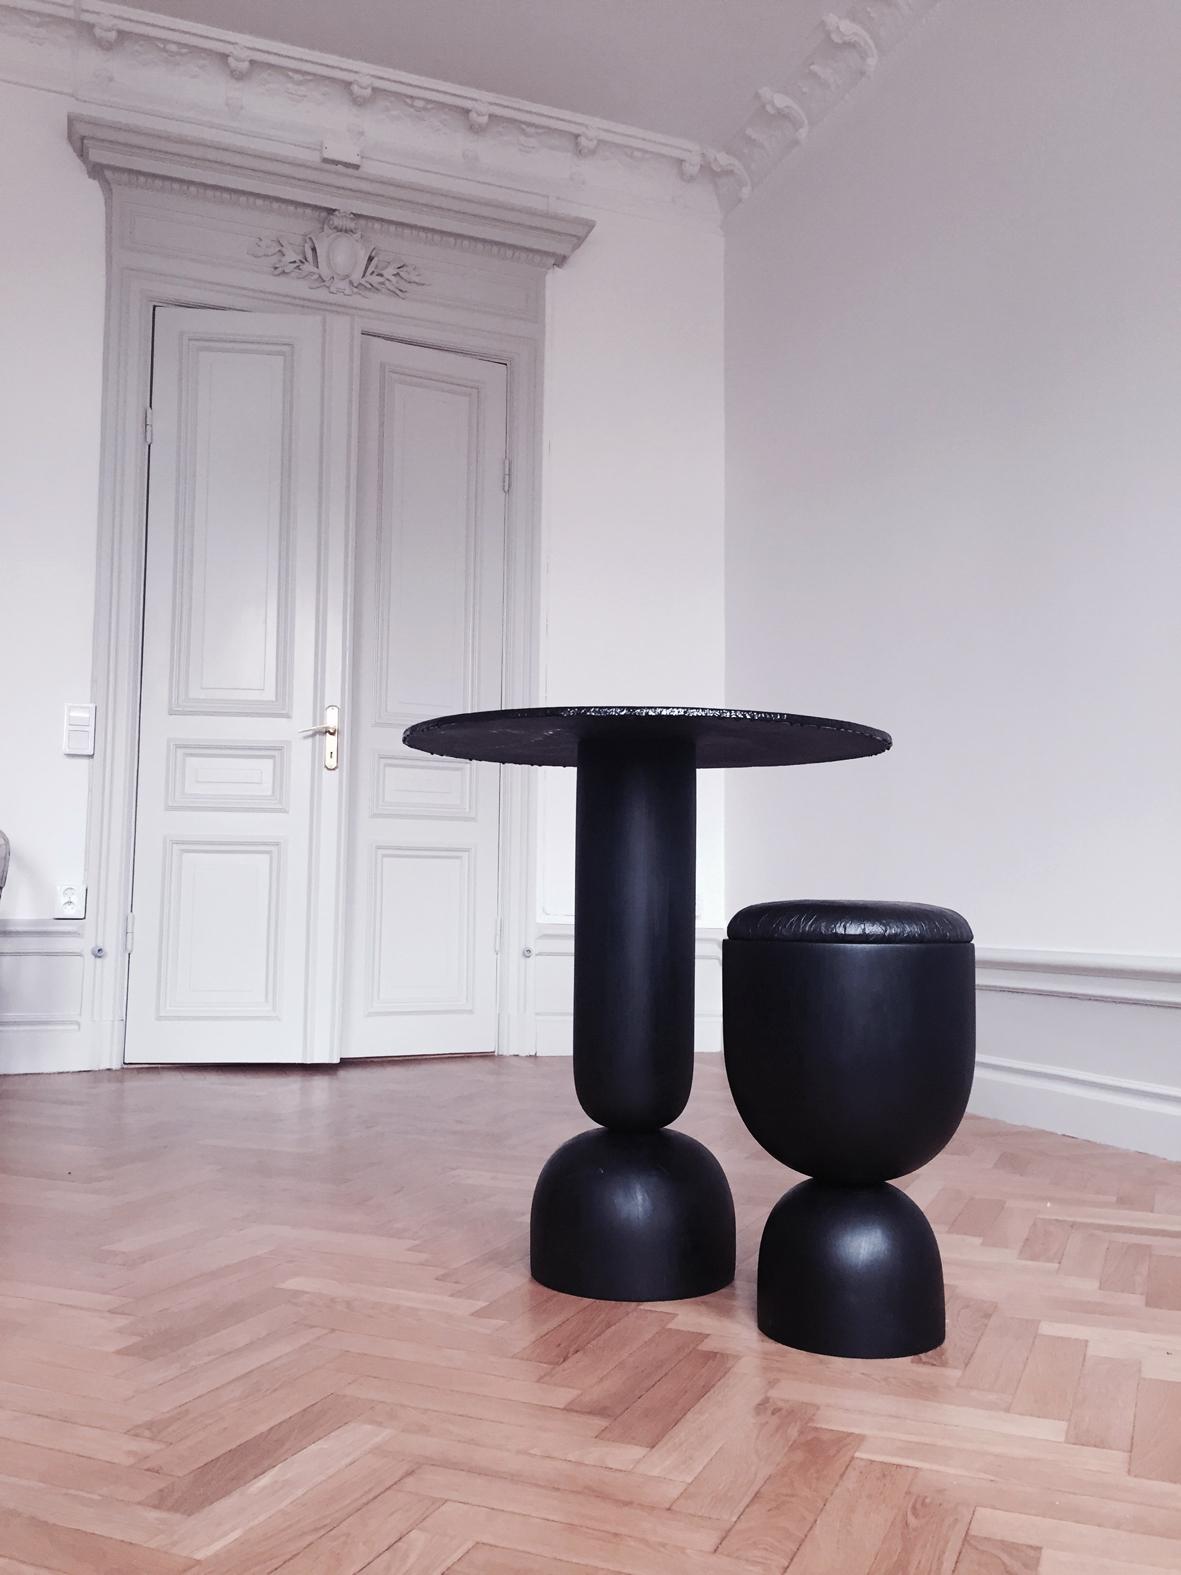 Svenskt tenns designstipendium,stol och bord format av återvunnet kaffesump och Kombucha te.